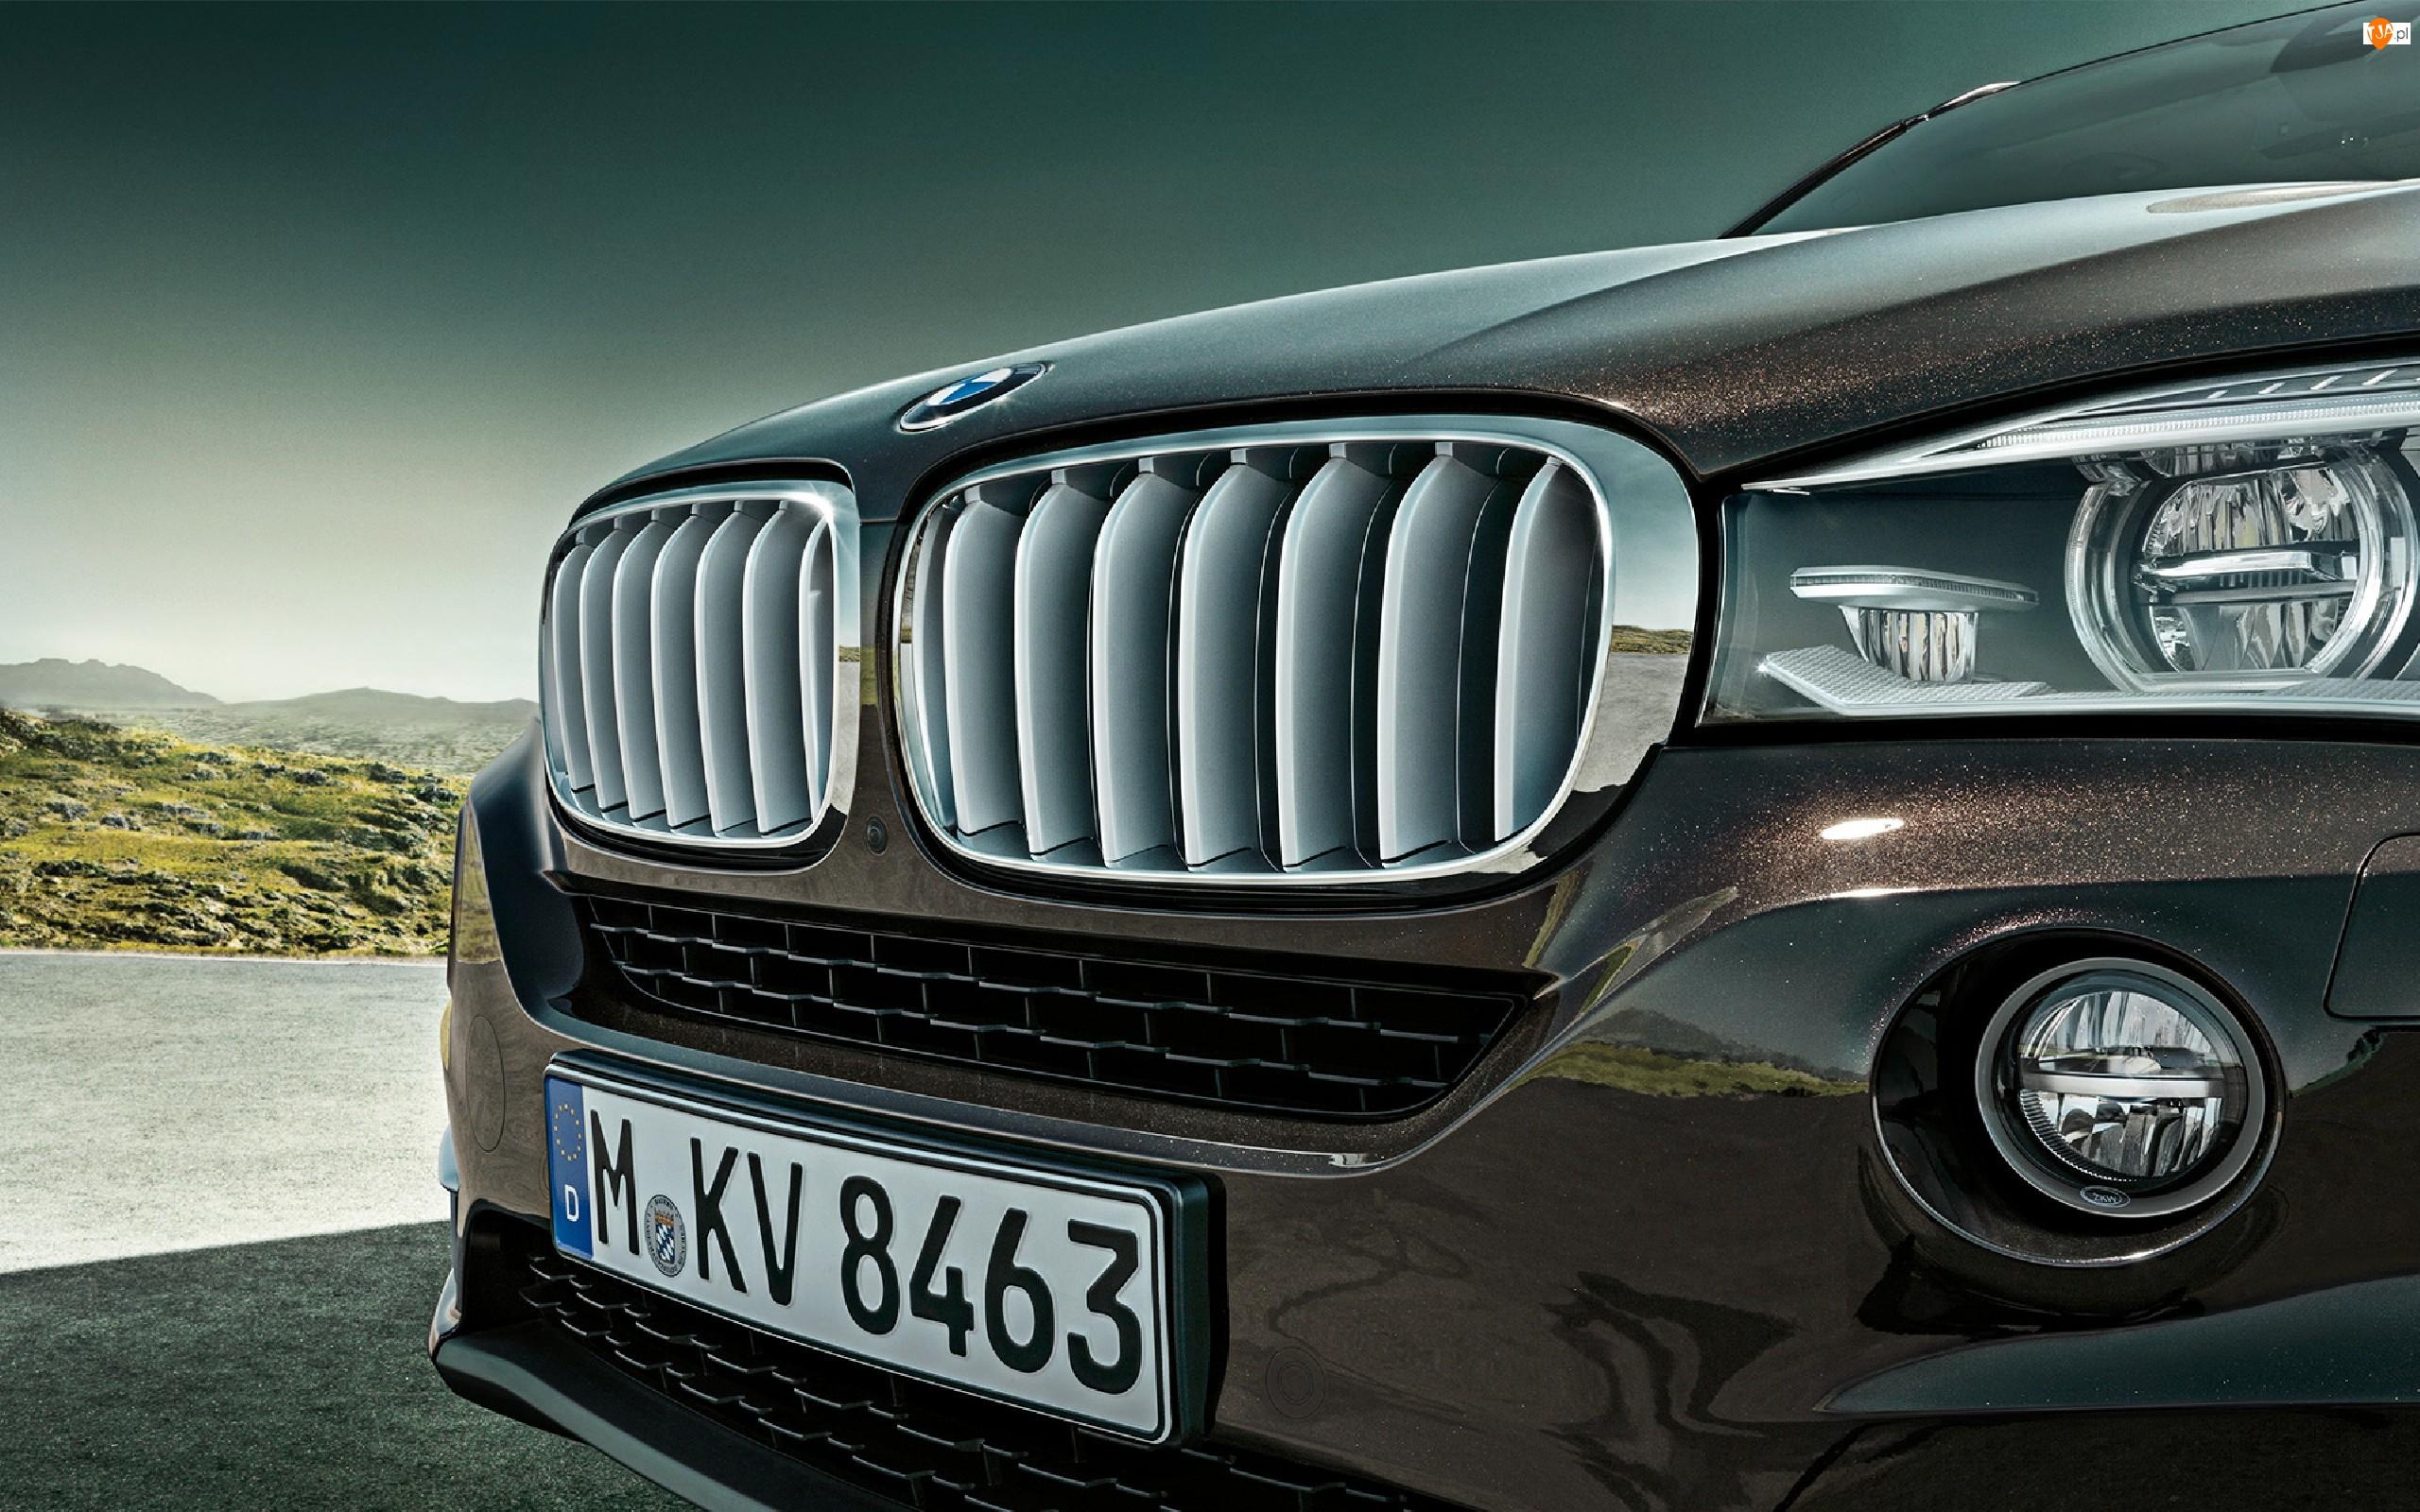 BMW X5 E70, Grill